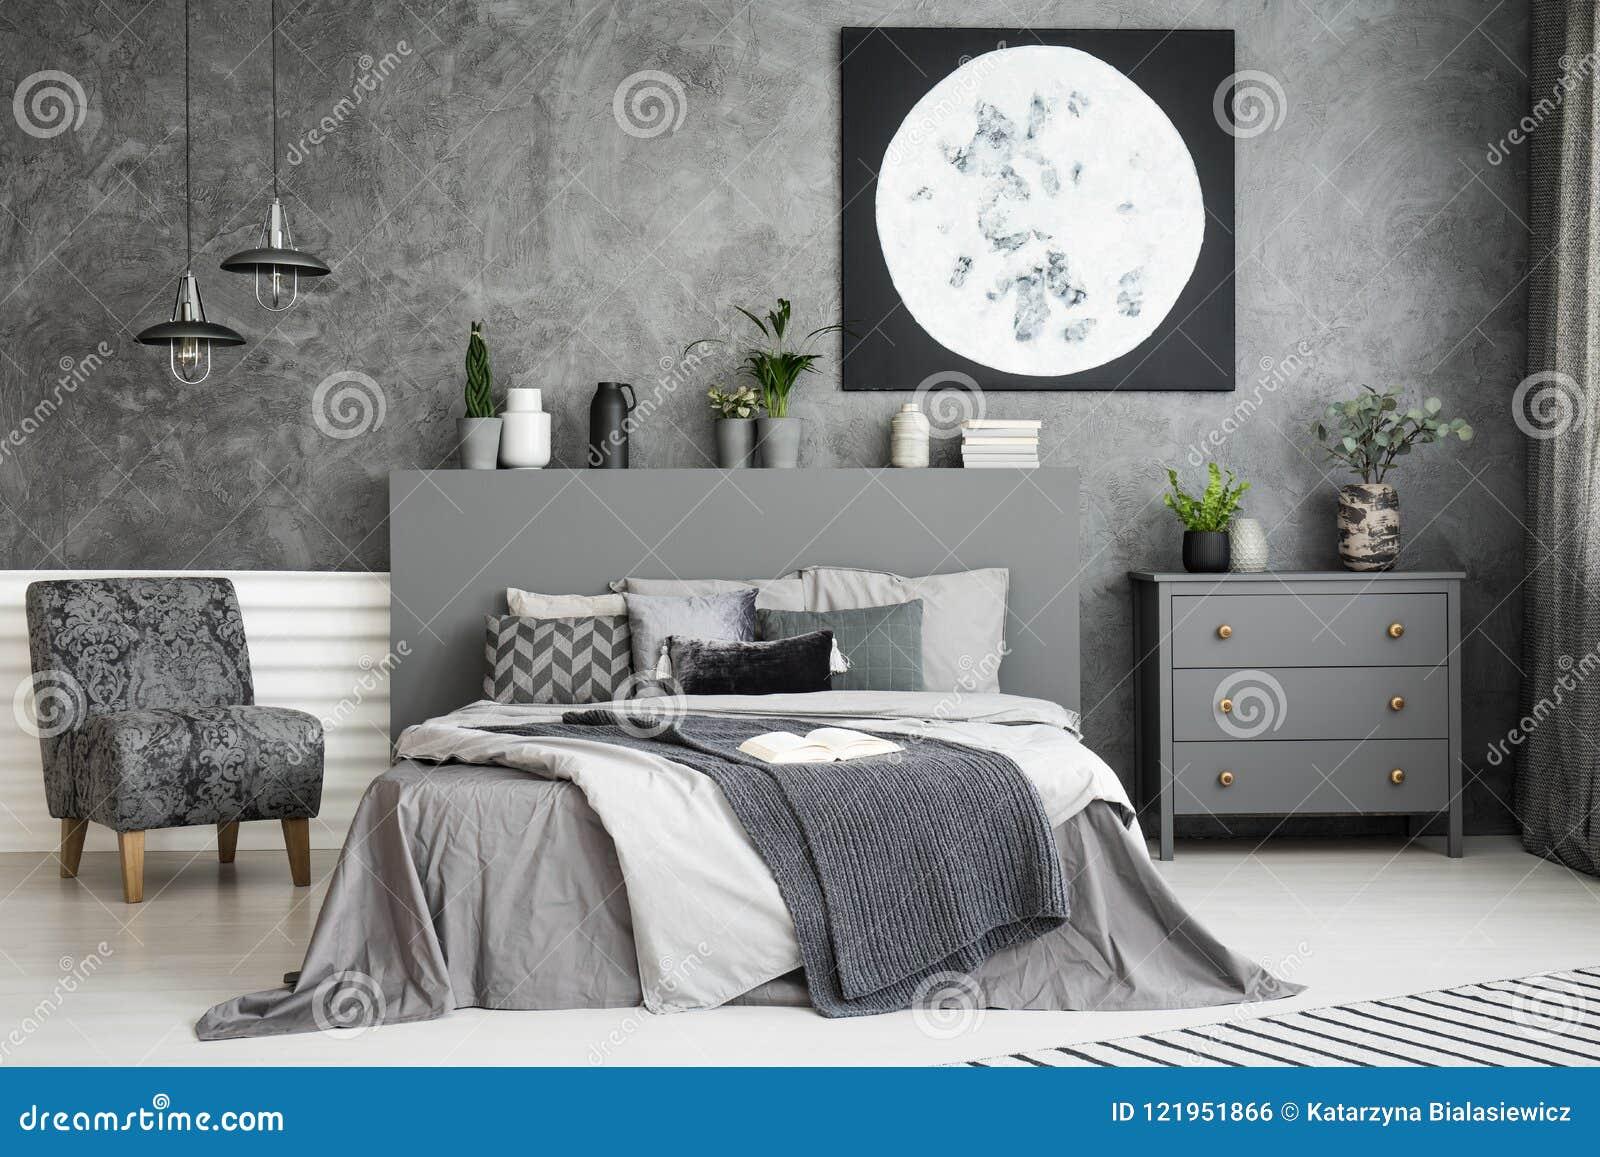 Parete Grigia Camera Da Letto moon la decorazione di arte sulla parete nei wi interni di